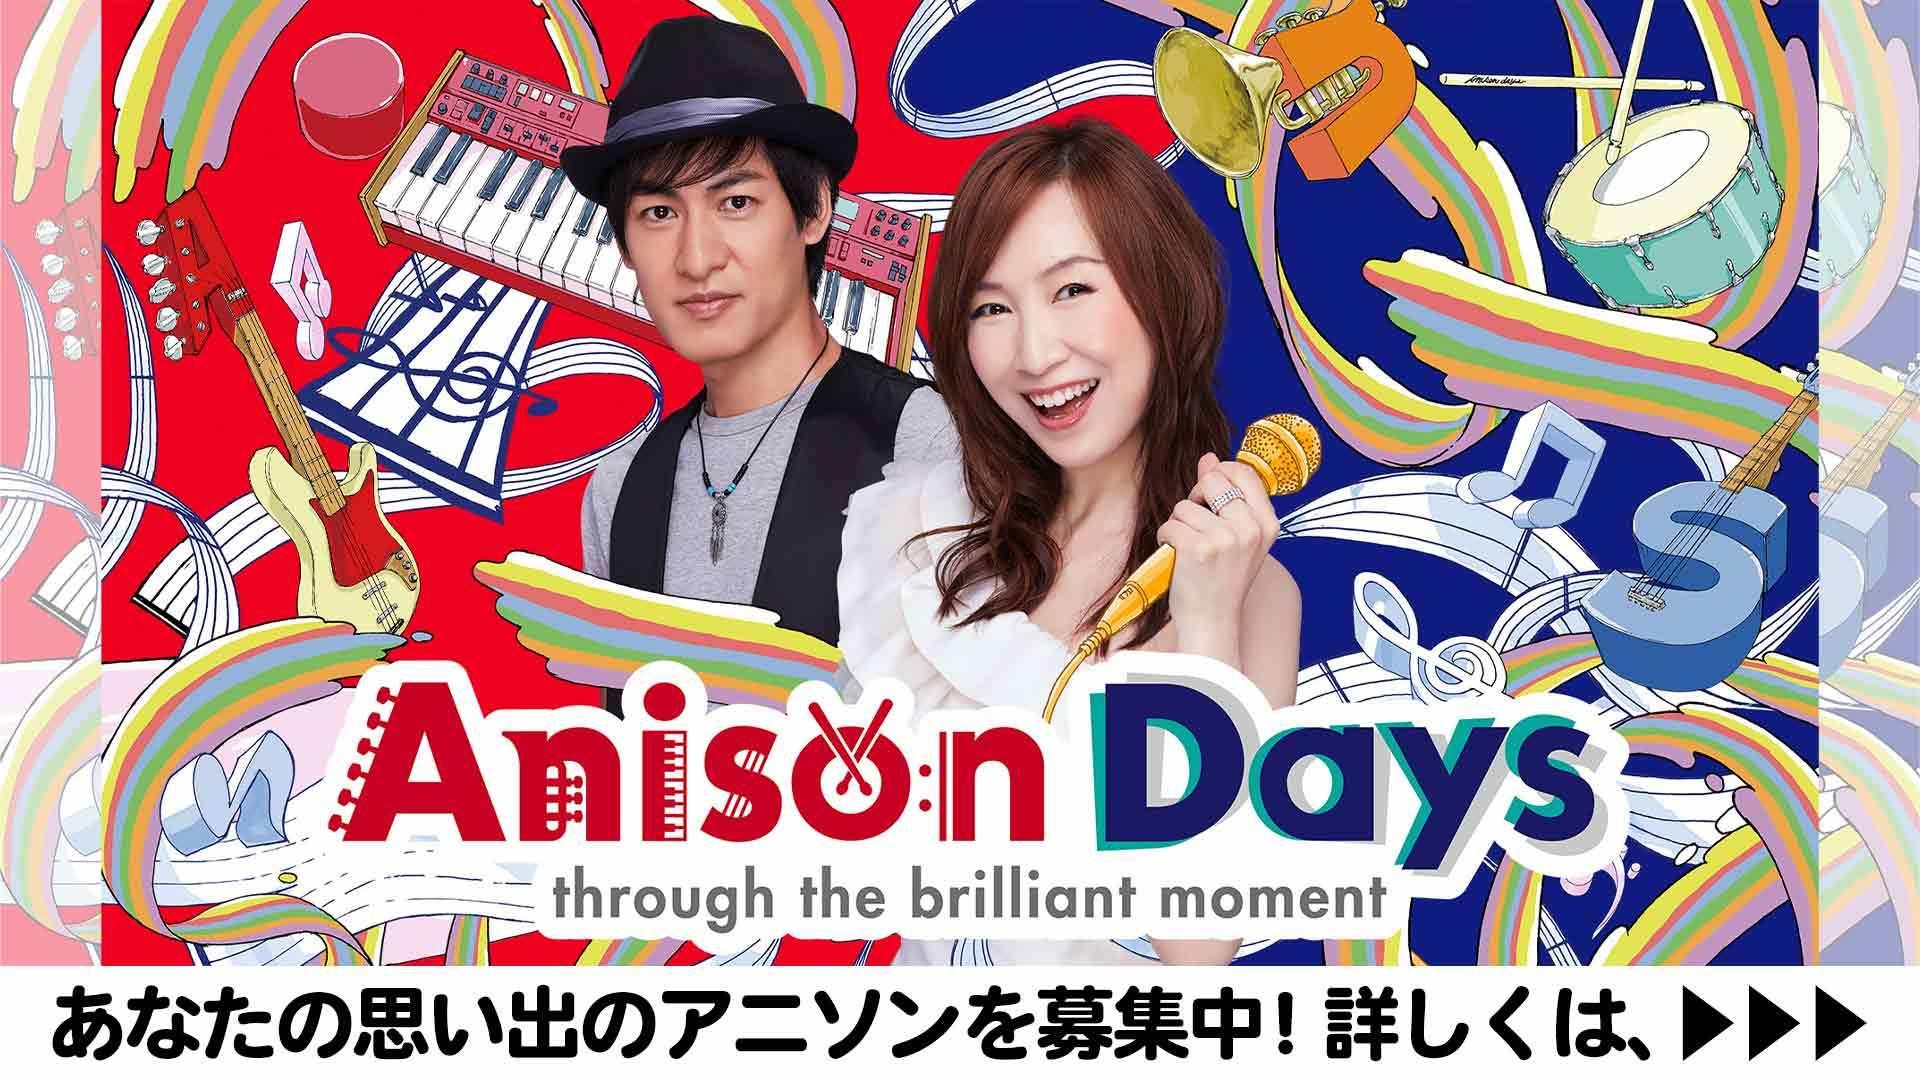 第2回 Anison Days リクエストスペシャル